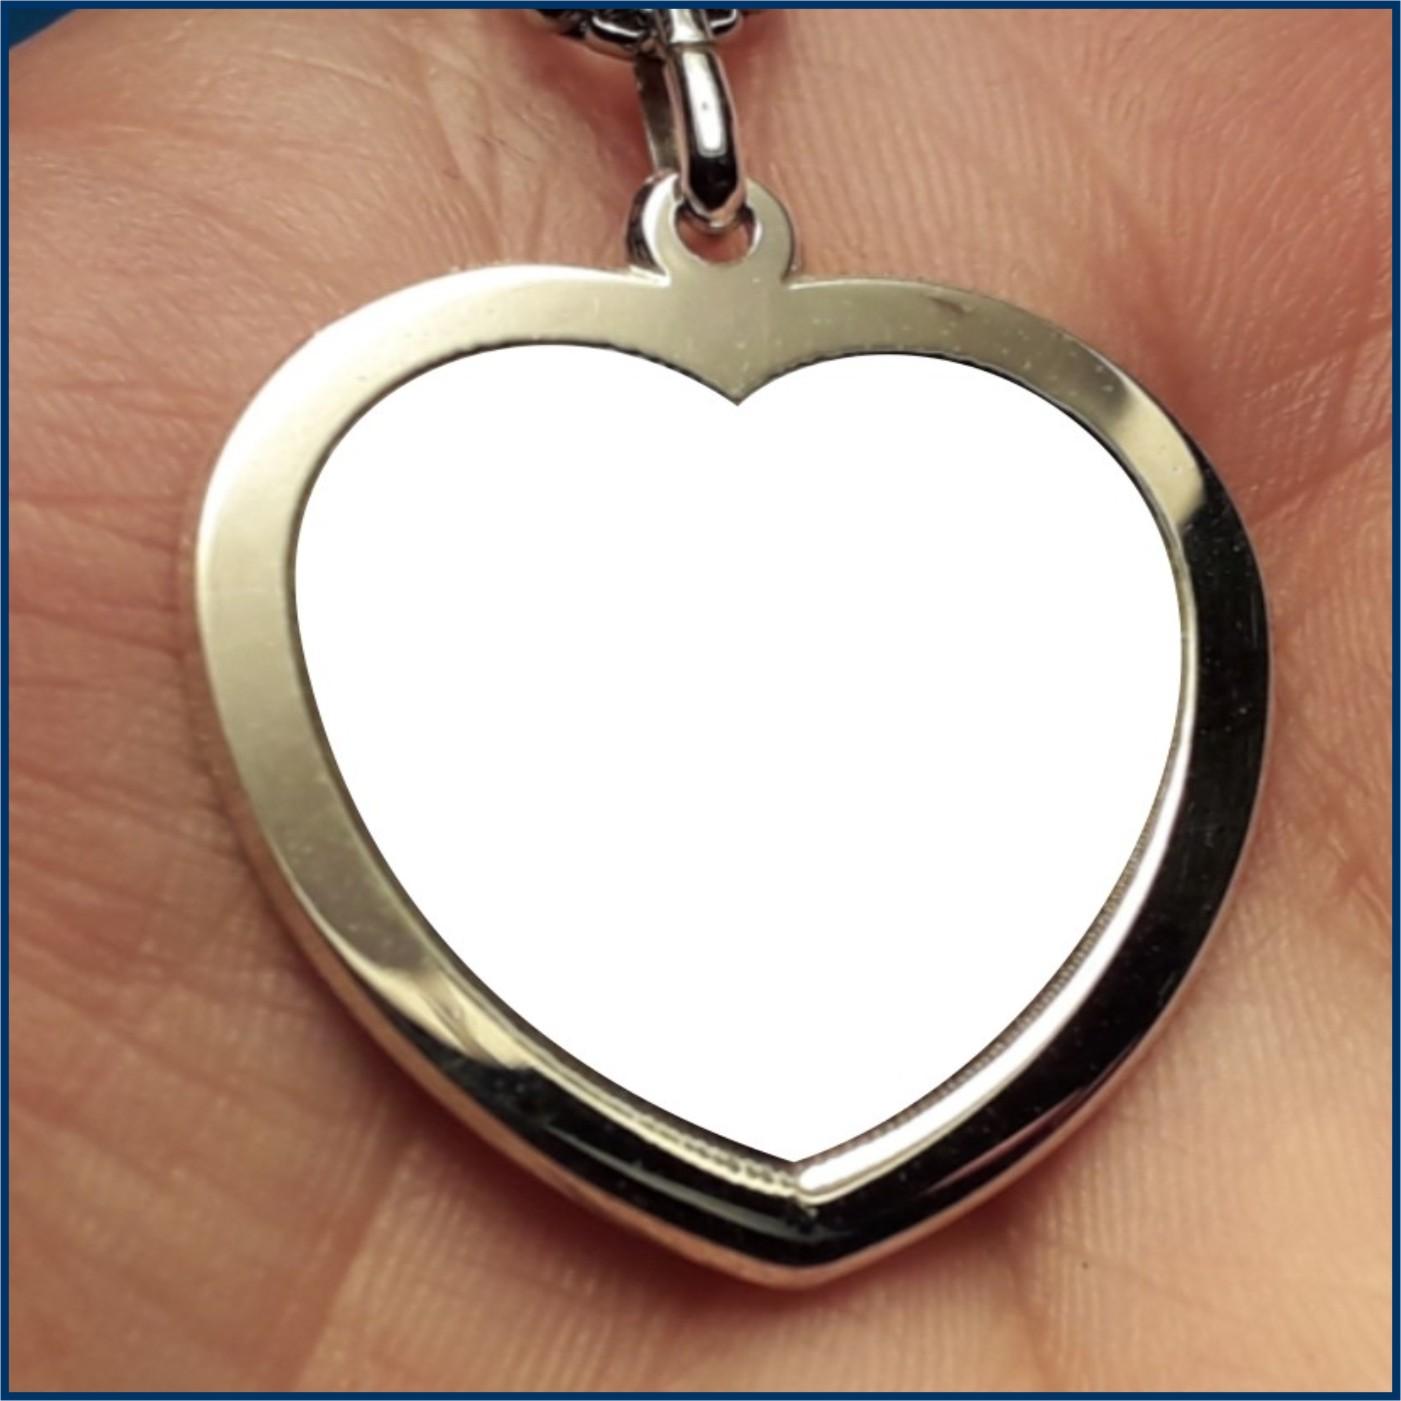 ciondolo,cuore medaglia,pendente foto a colori antigraffio incisa